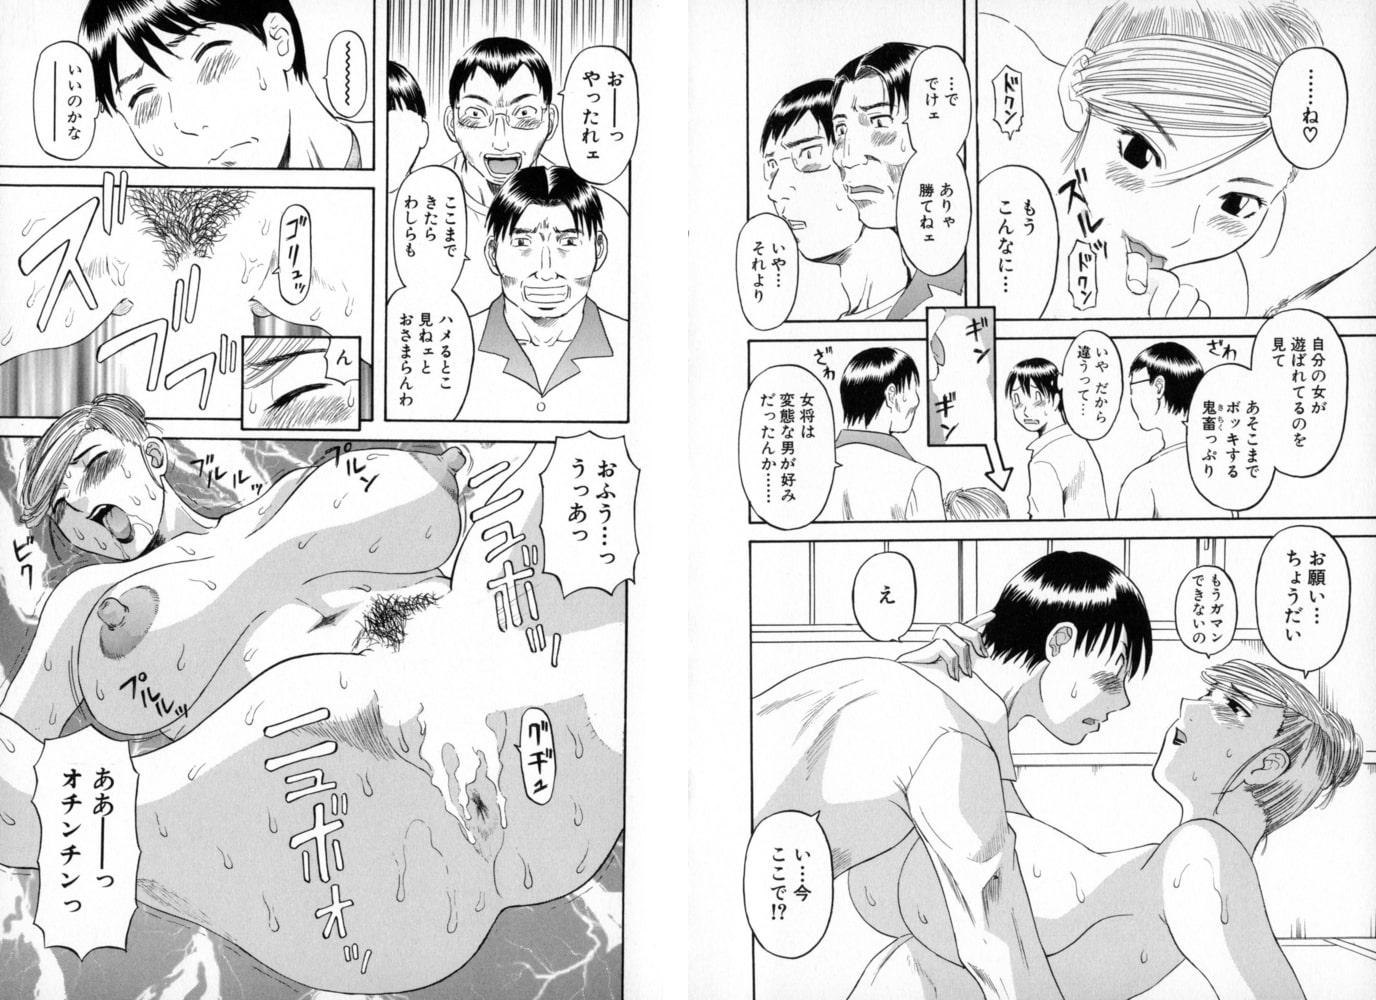 極楽レディース4 背徳編